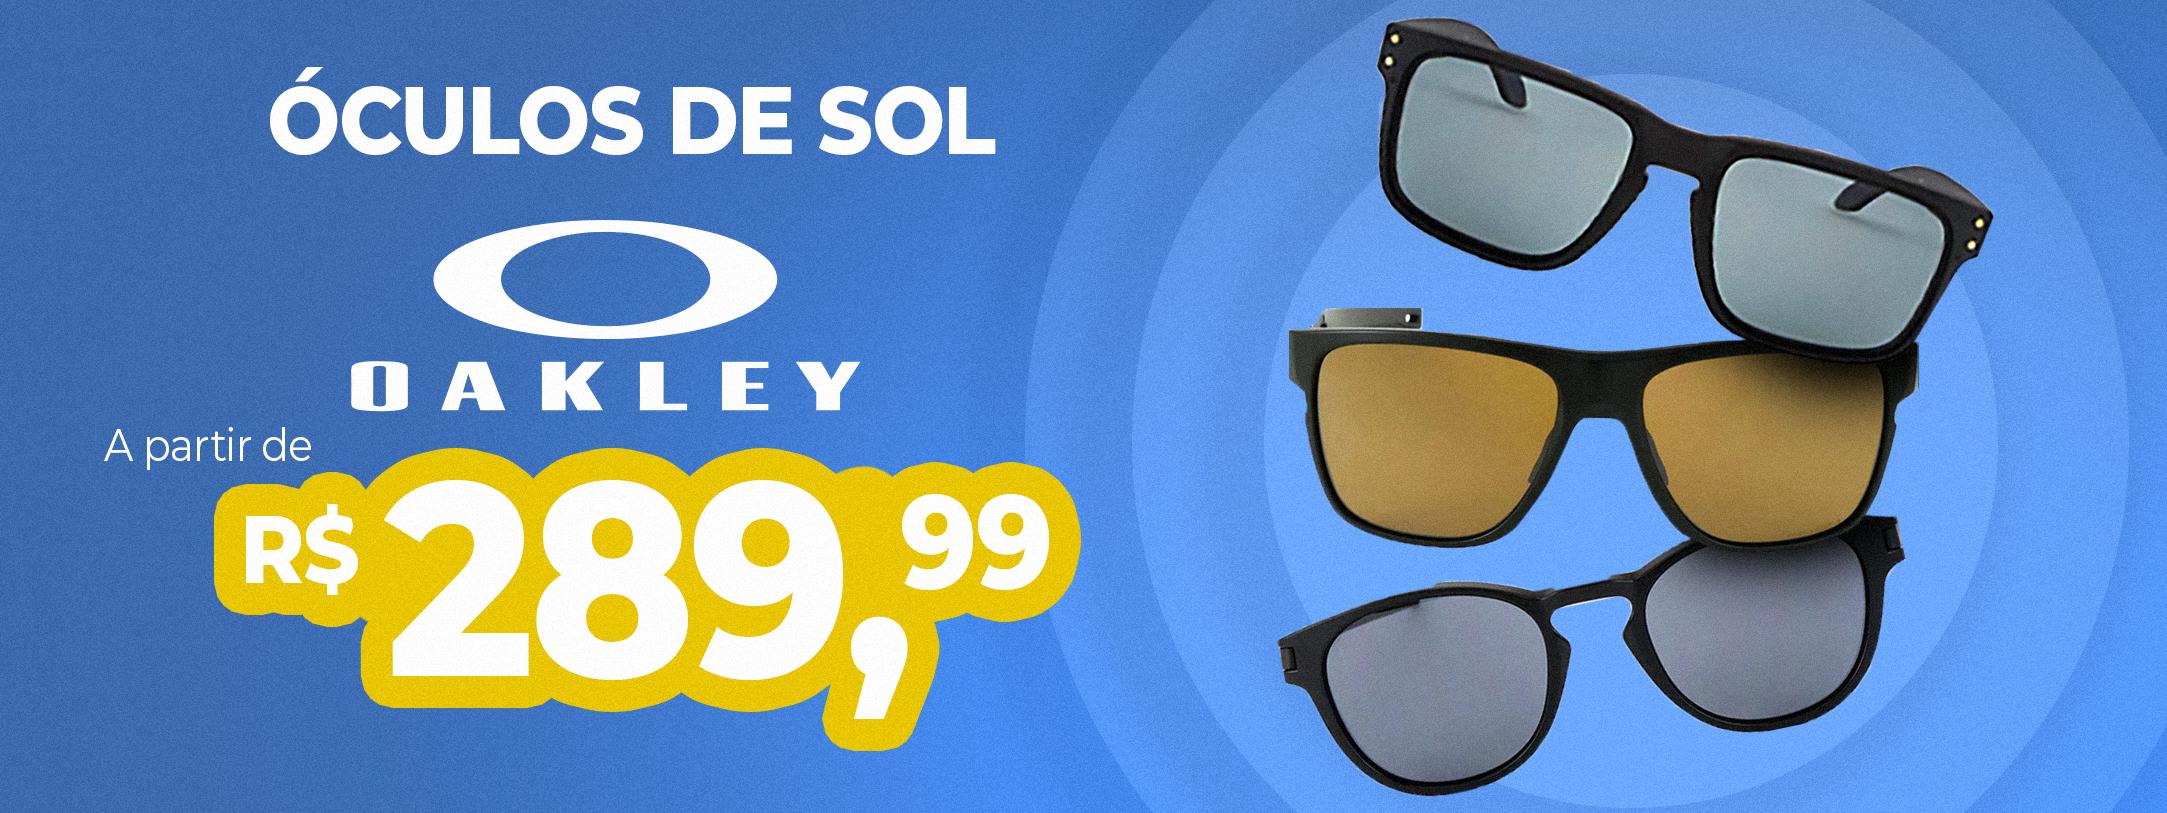 oculos-oakley